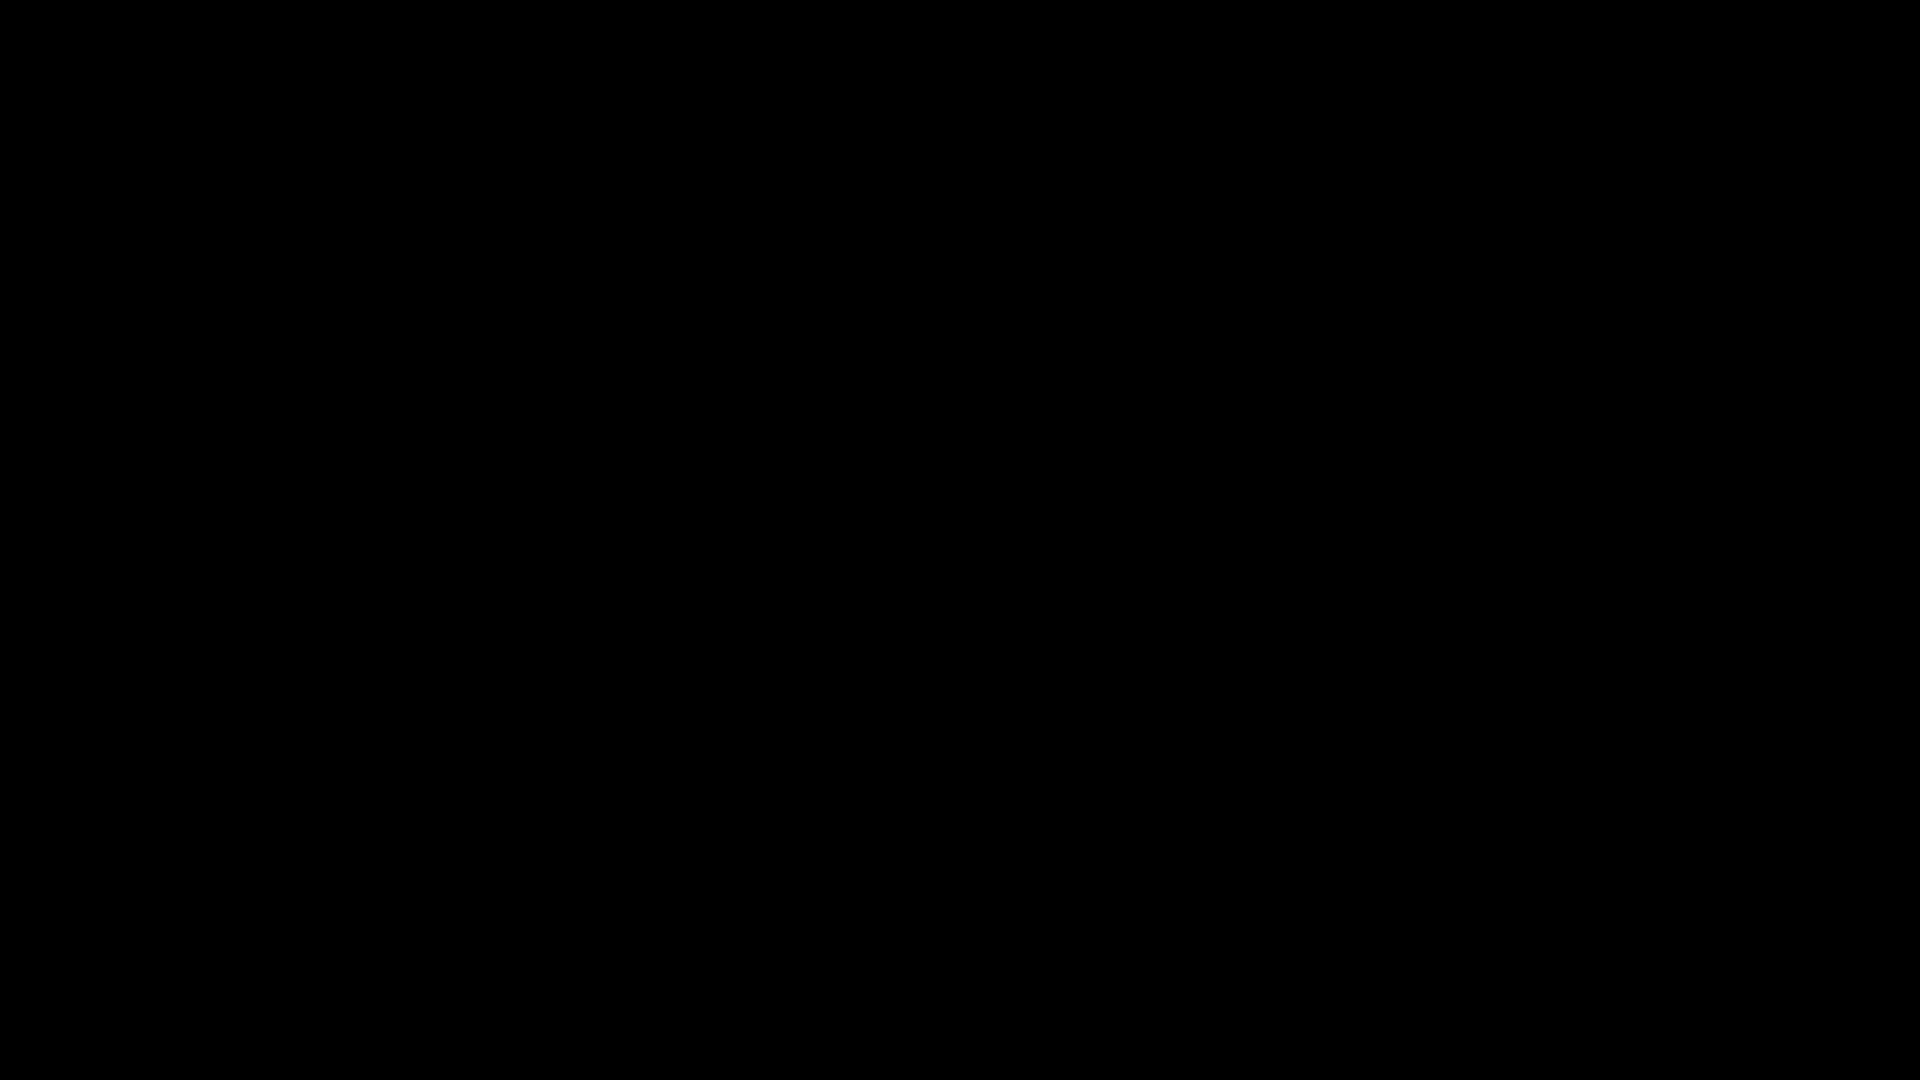 nptel-website-banner